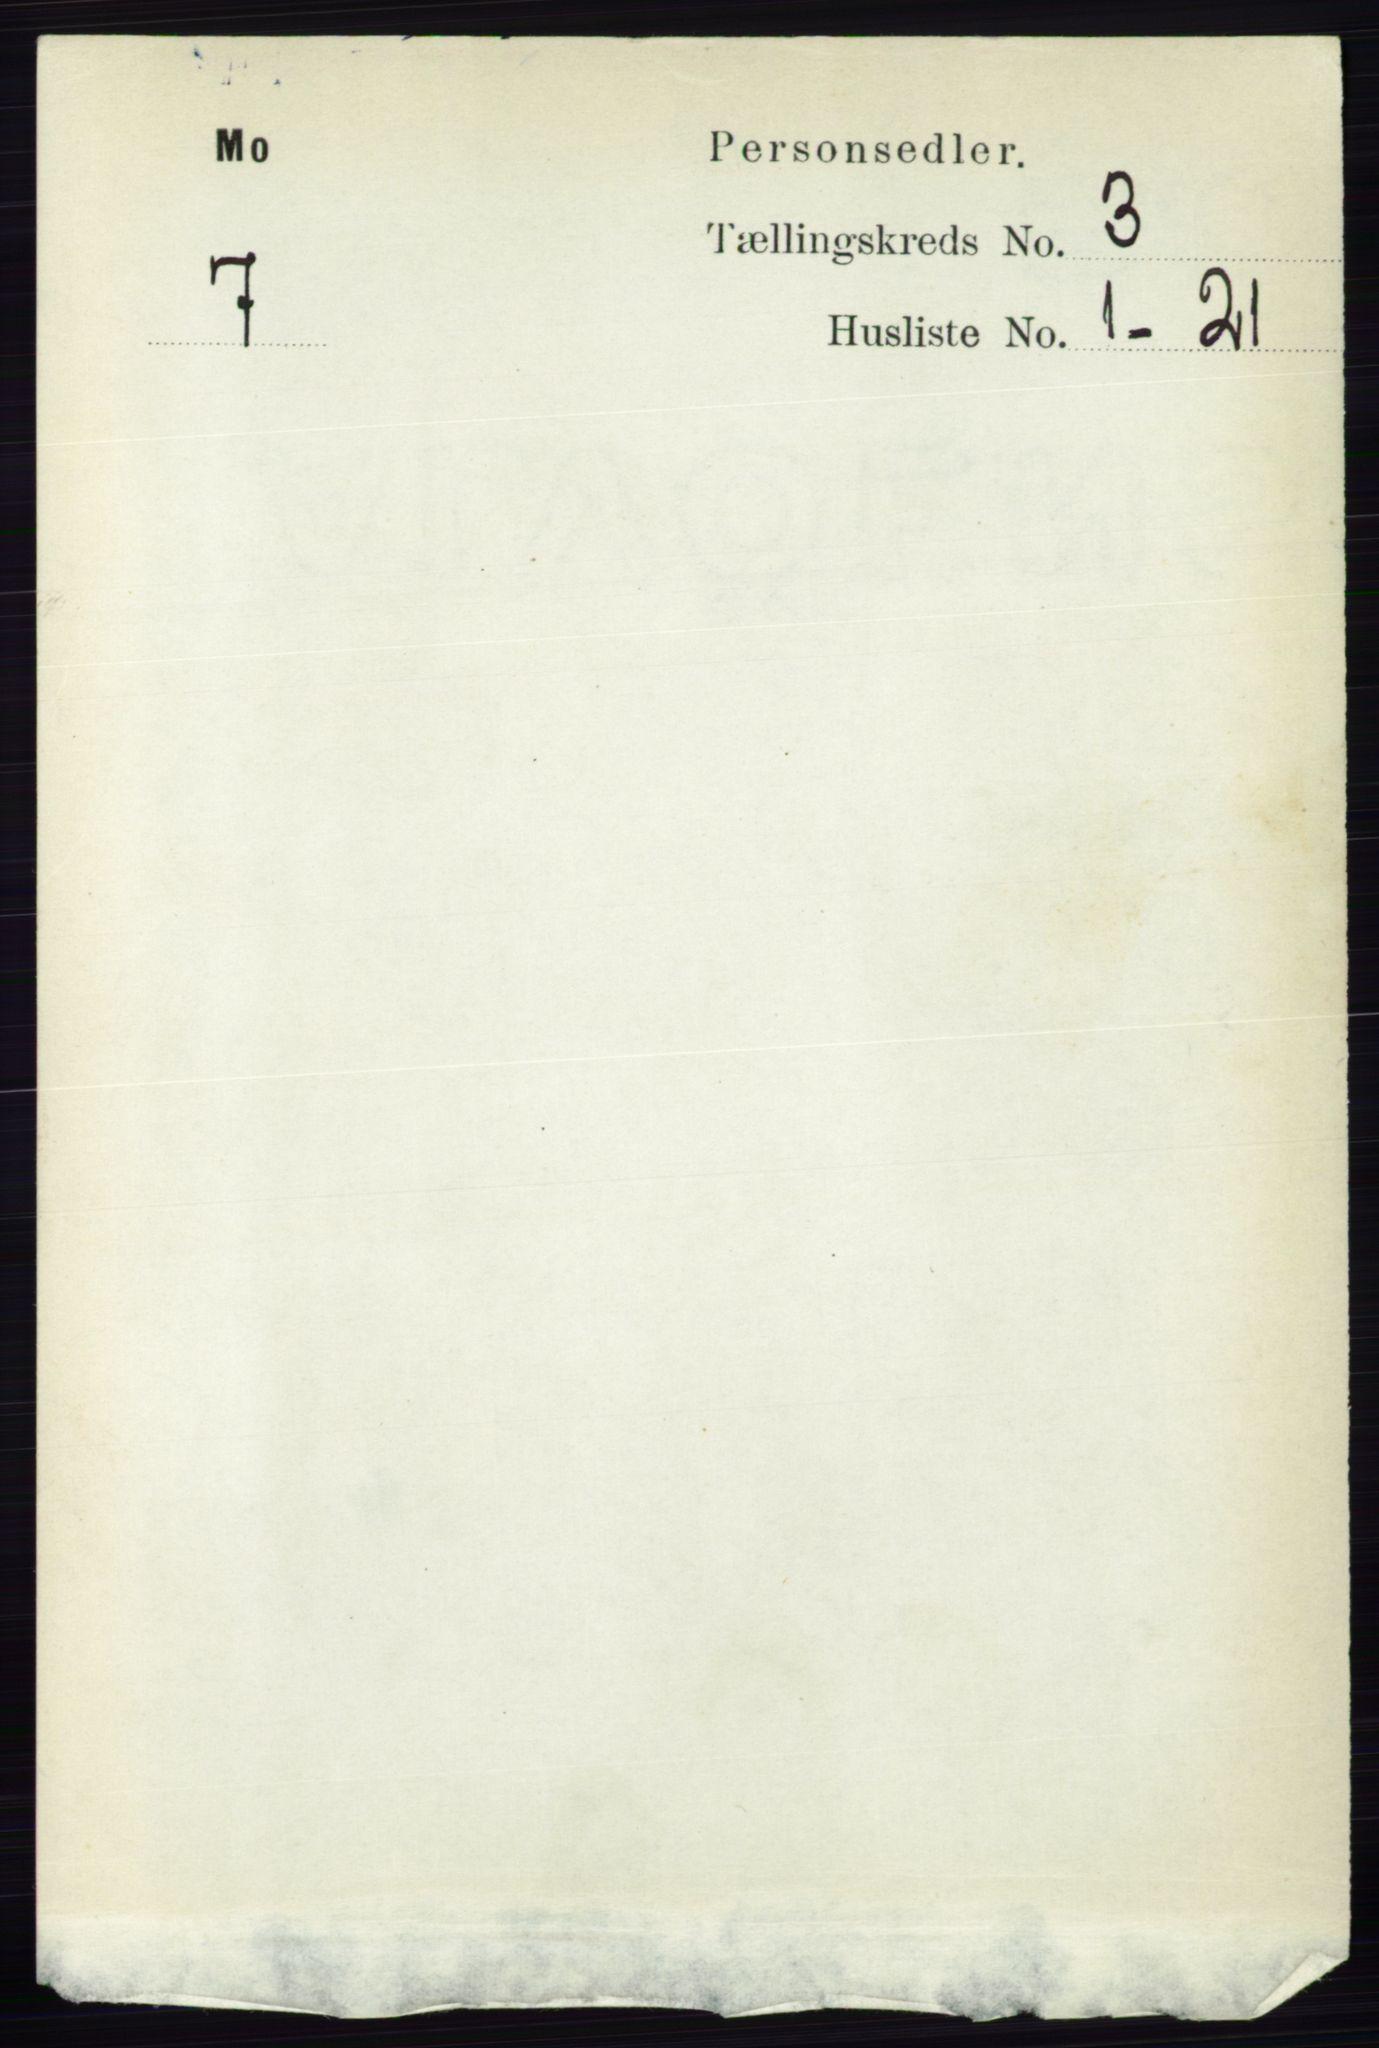 RA, Folketelling 1891 for 0832 Mo herred, 1891, s. 725